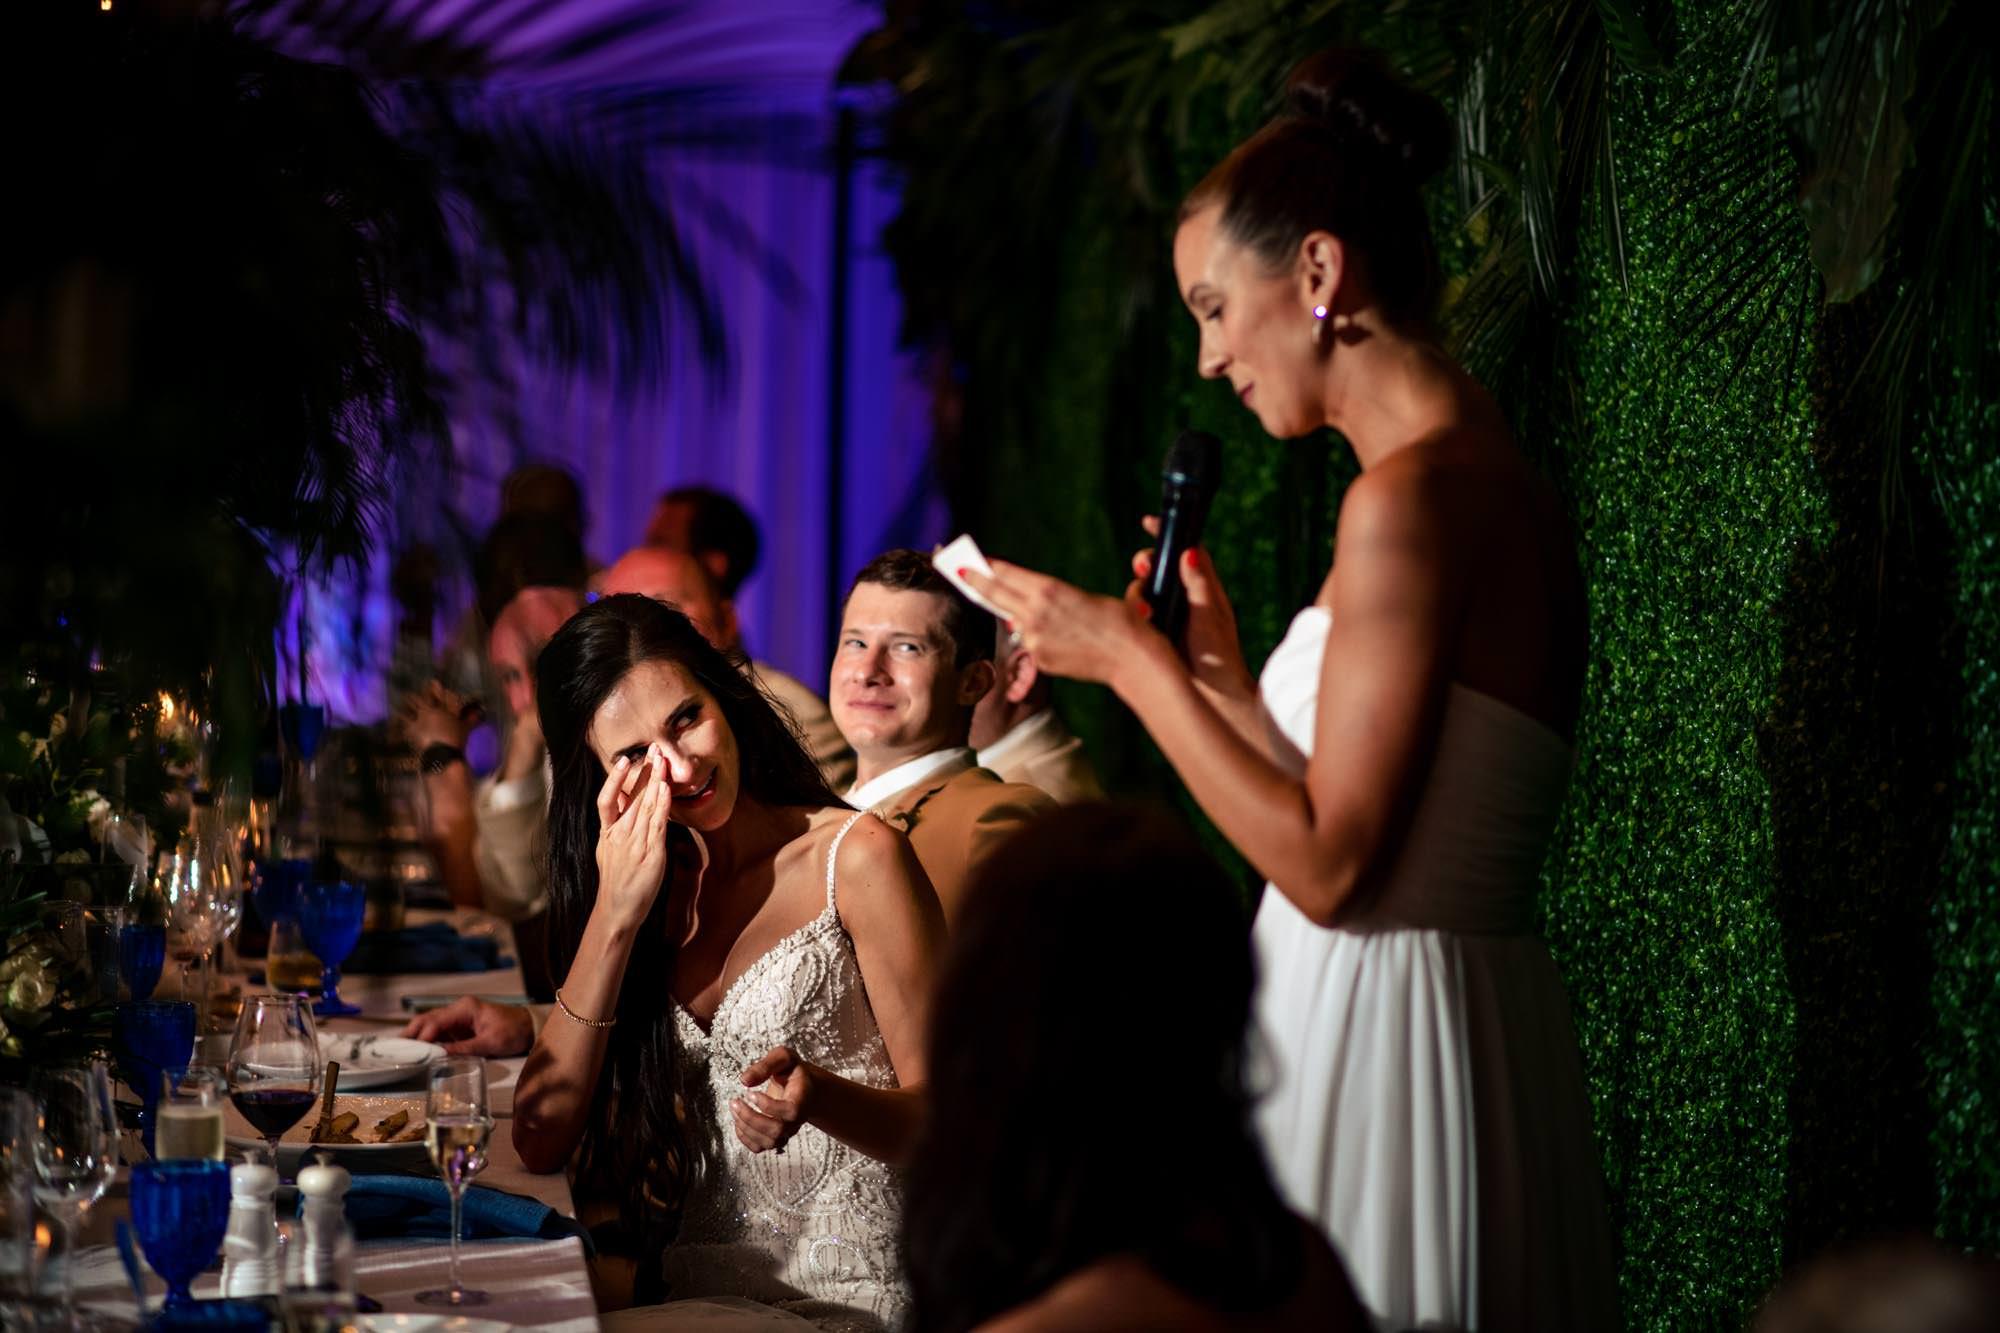 Bridesmaid giving a speech at wedding reception